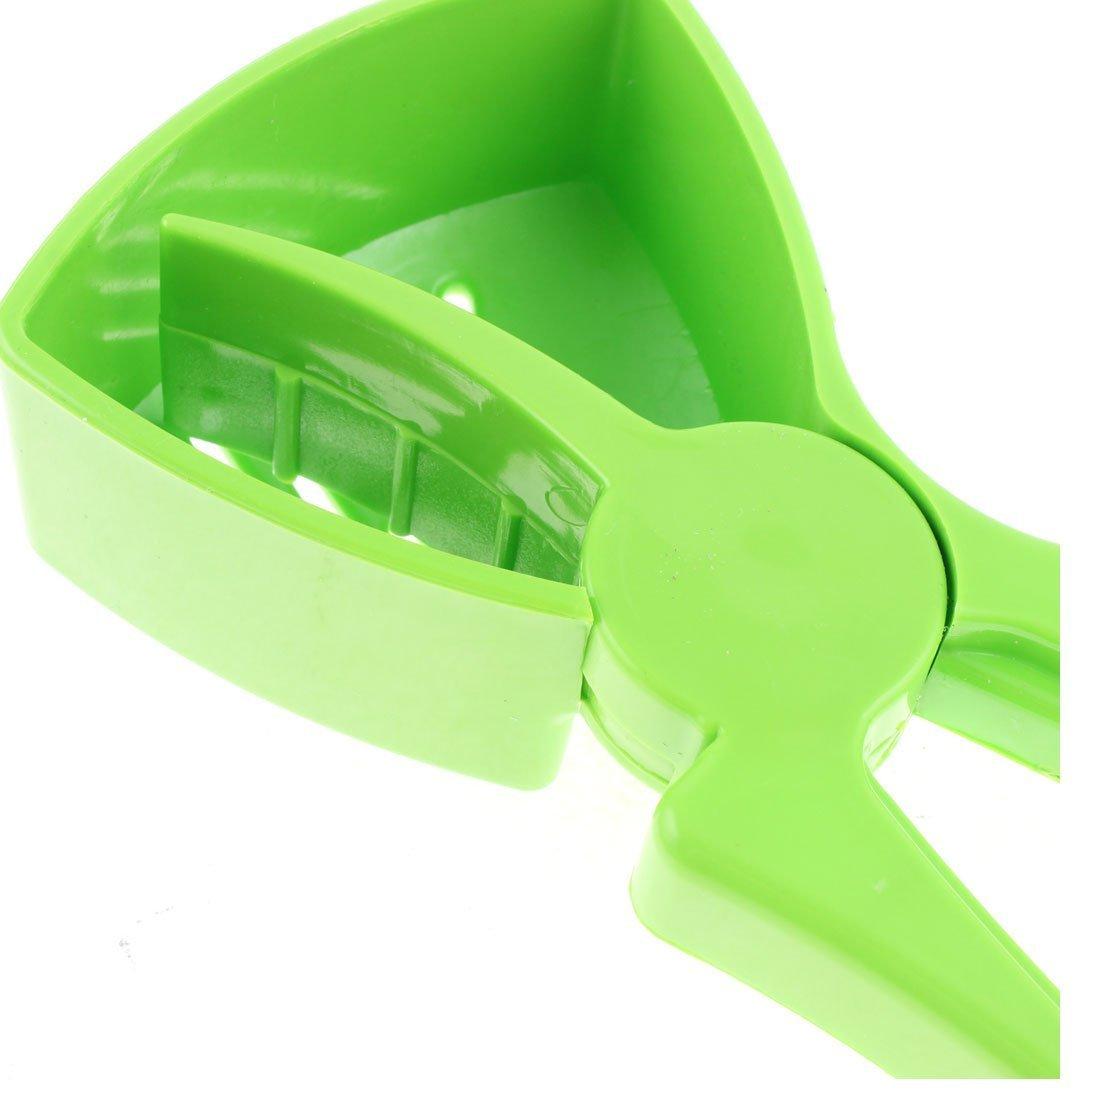 Amazon.com: Manual eDealMax plástico casa cocina lima limón Prensa Exprimidor Exprimidor verde: Kitchen & Dining